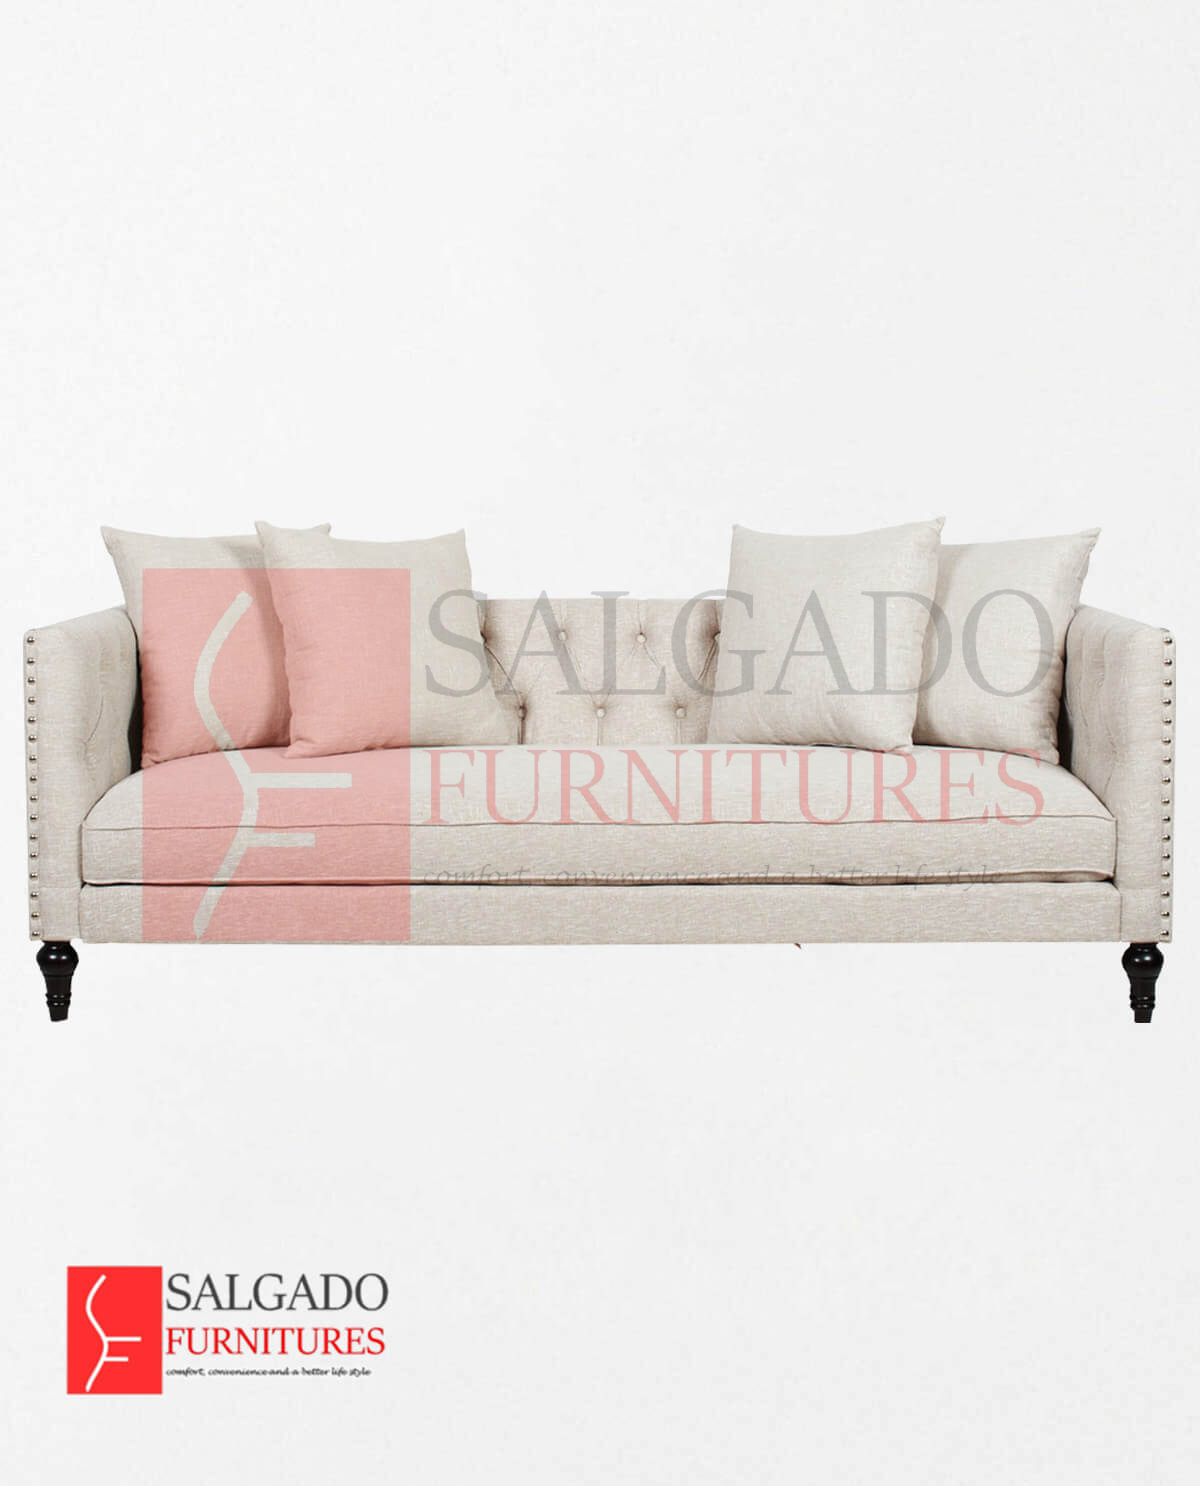 sofa-bed-sale-in-sri lanka